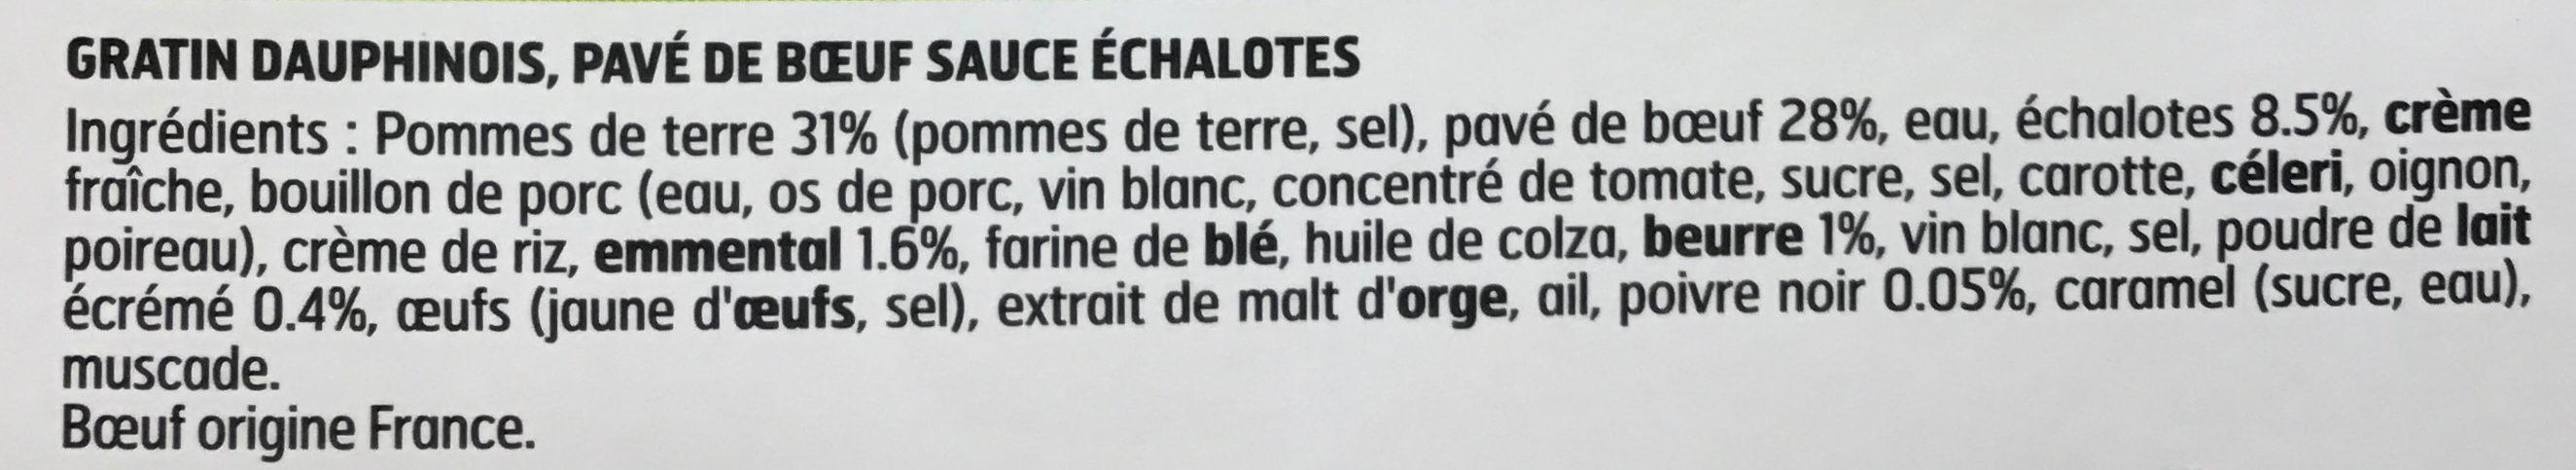 Pavé de boeuf sauce aux échalotes et gratin dauphinois - Ingredients